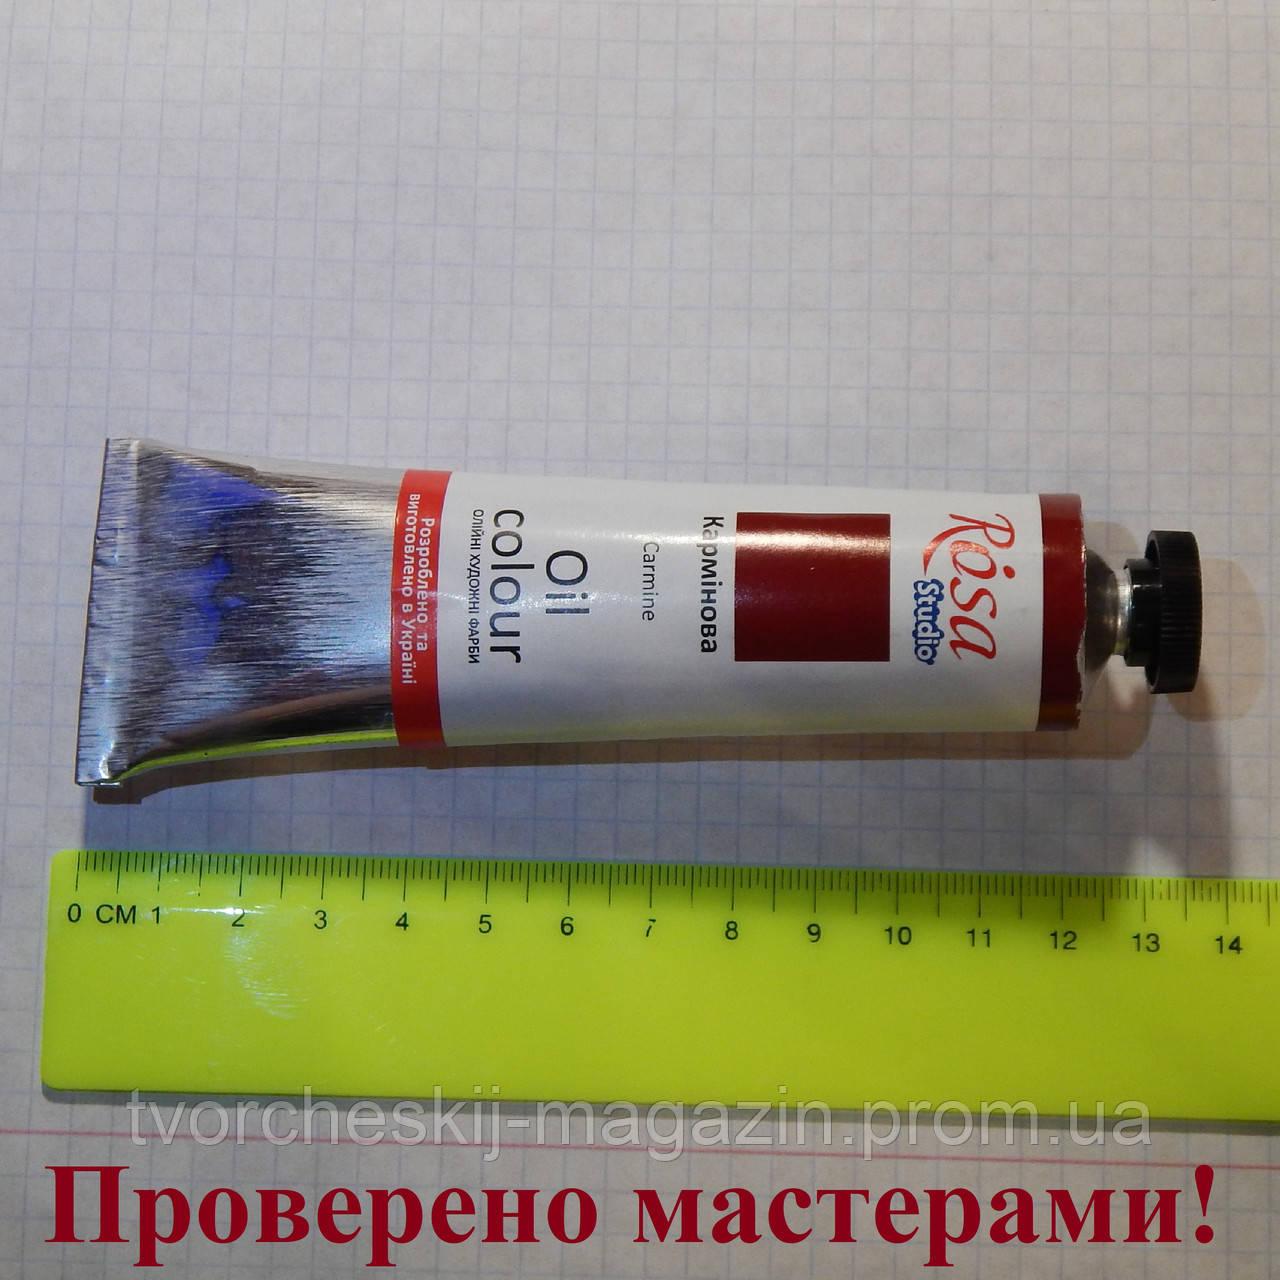 Краска масляная, Карминовая, 60мл, ROSA Studio